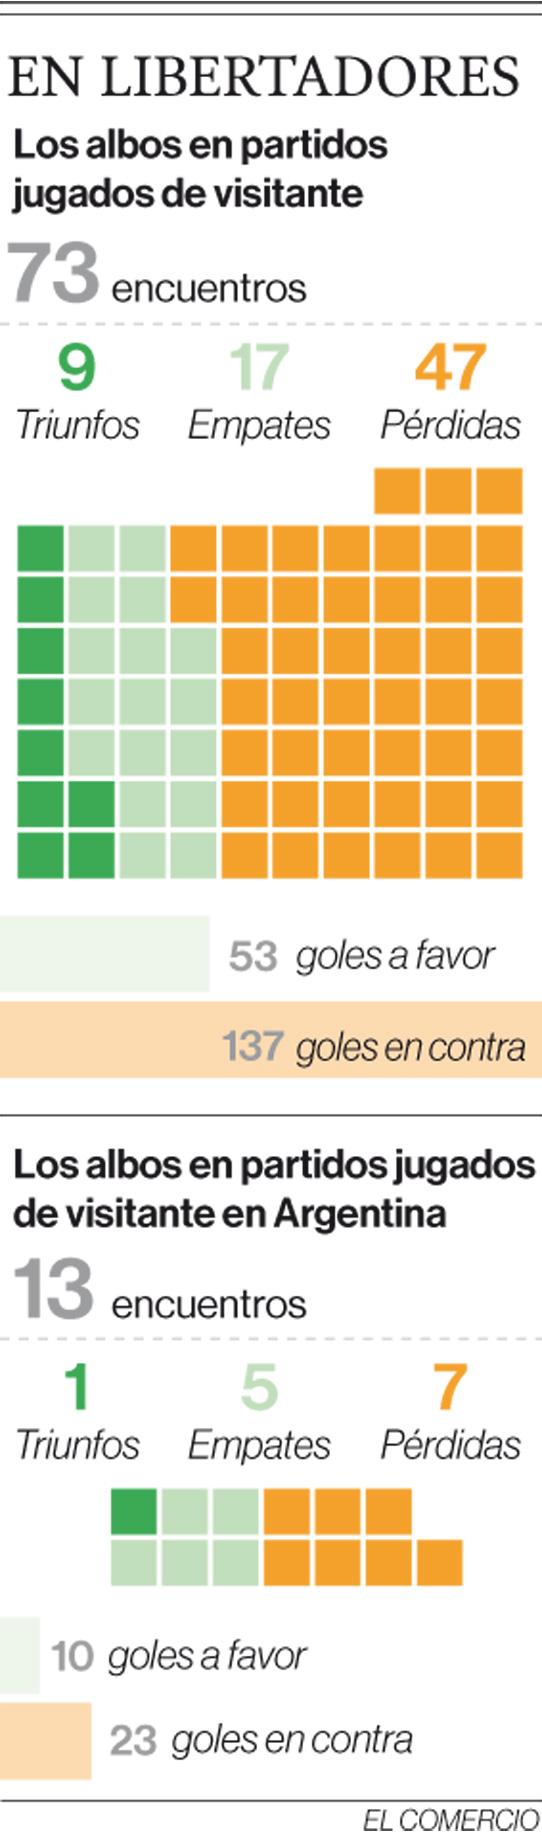 Liga cambia su defensa y medio campo para la revancha con Boca Juniors